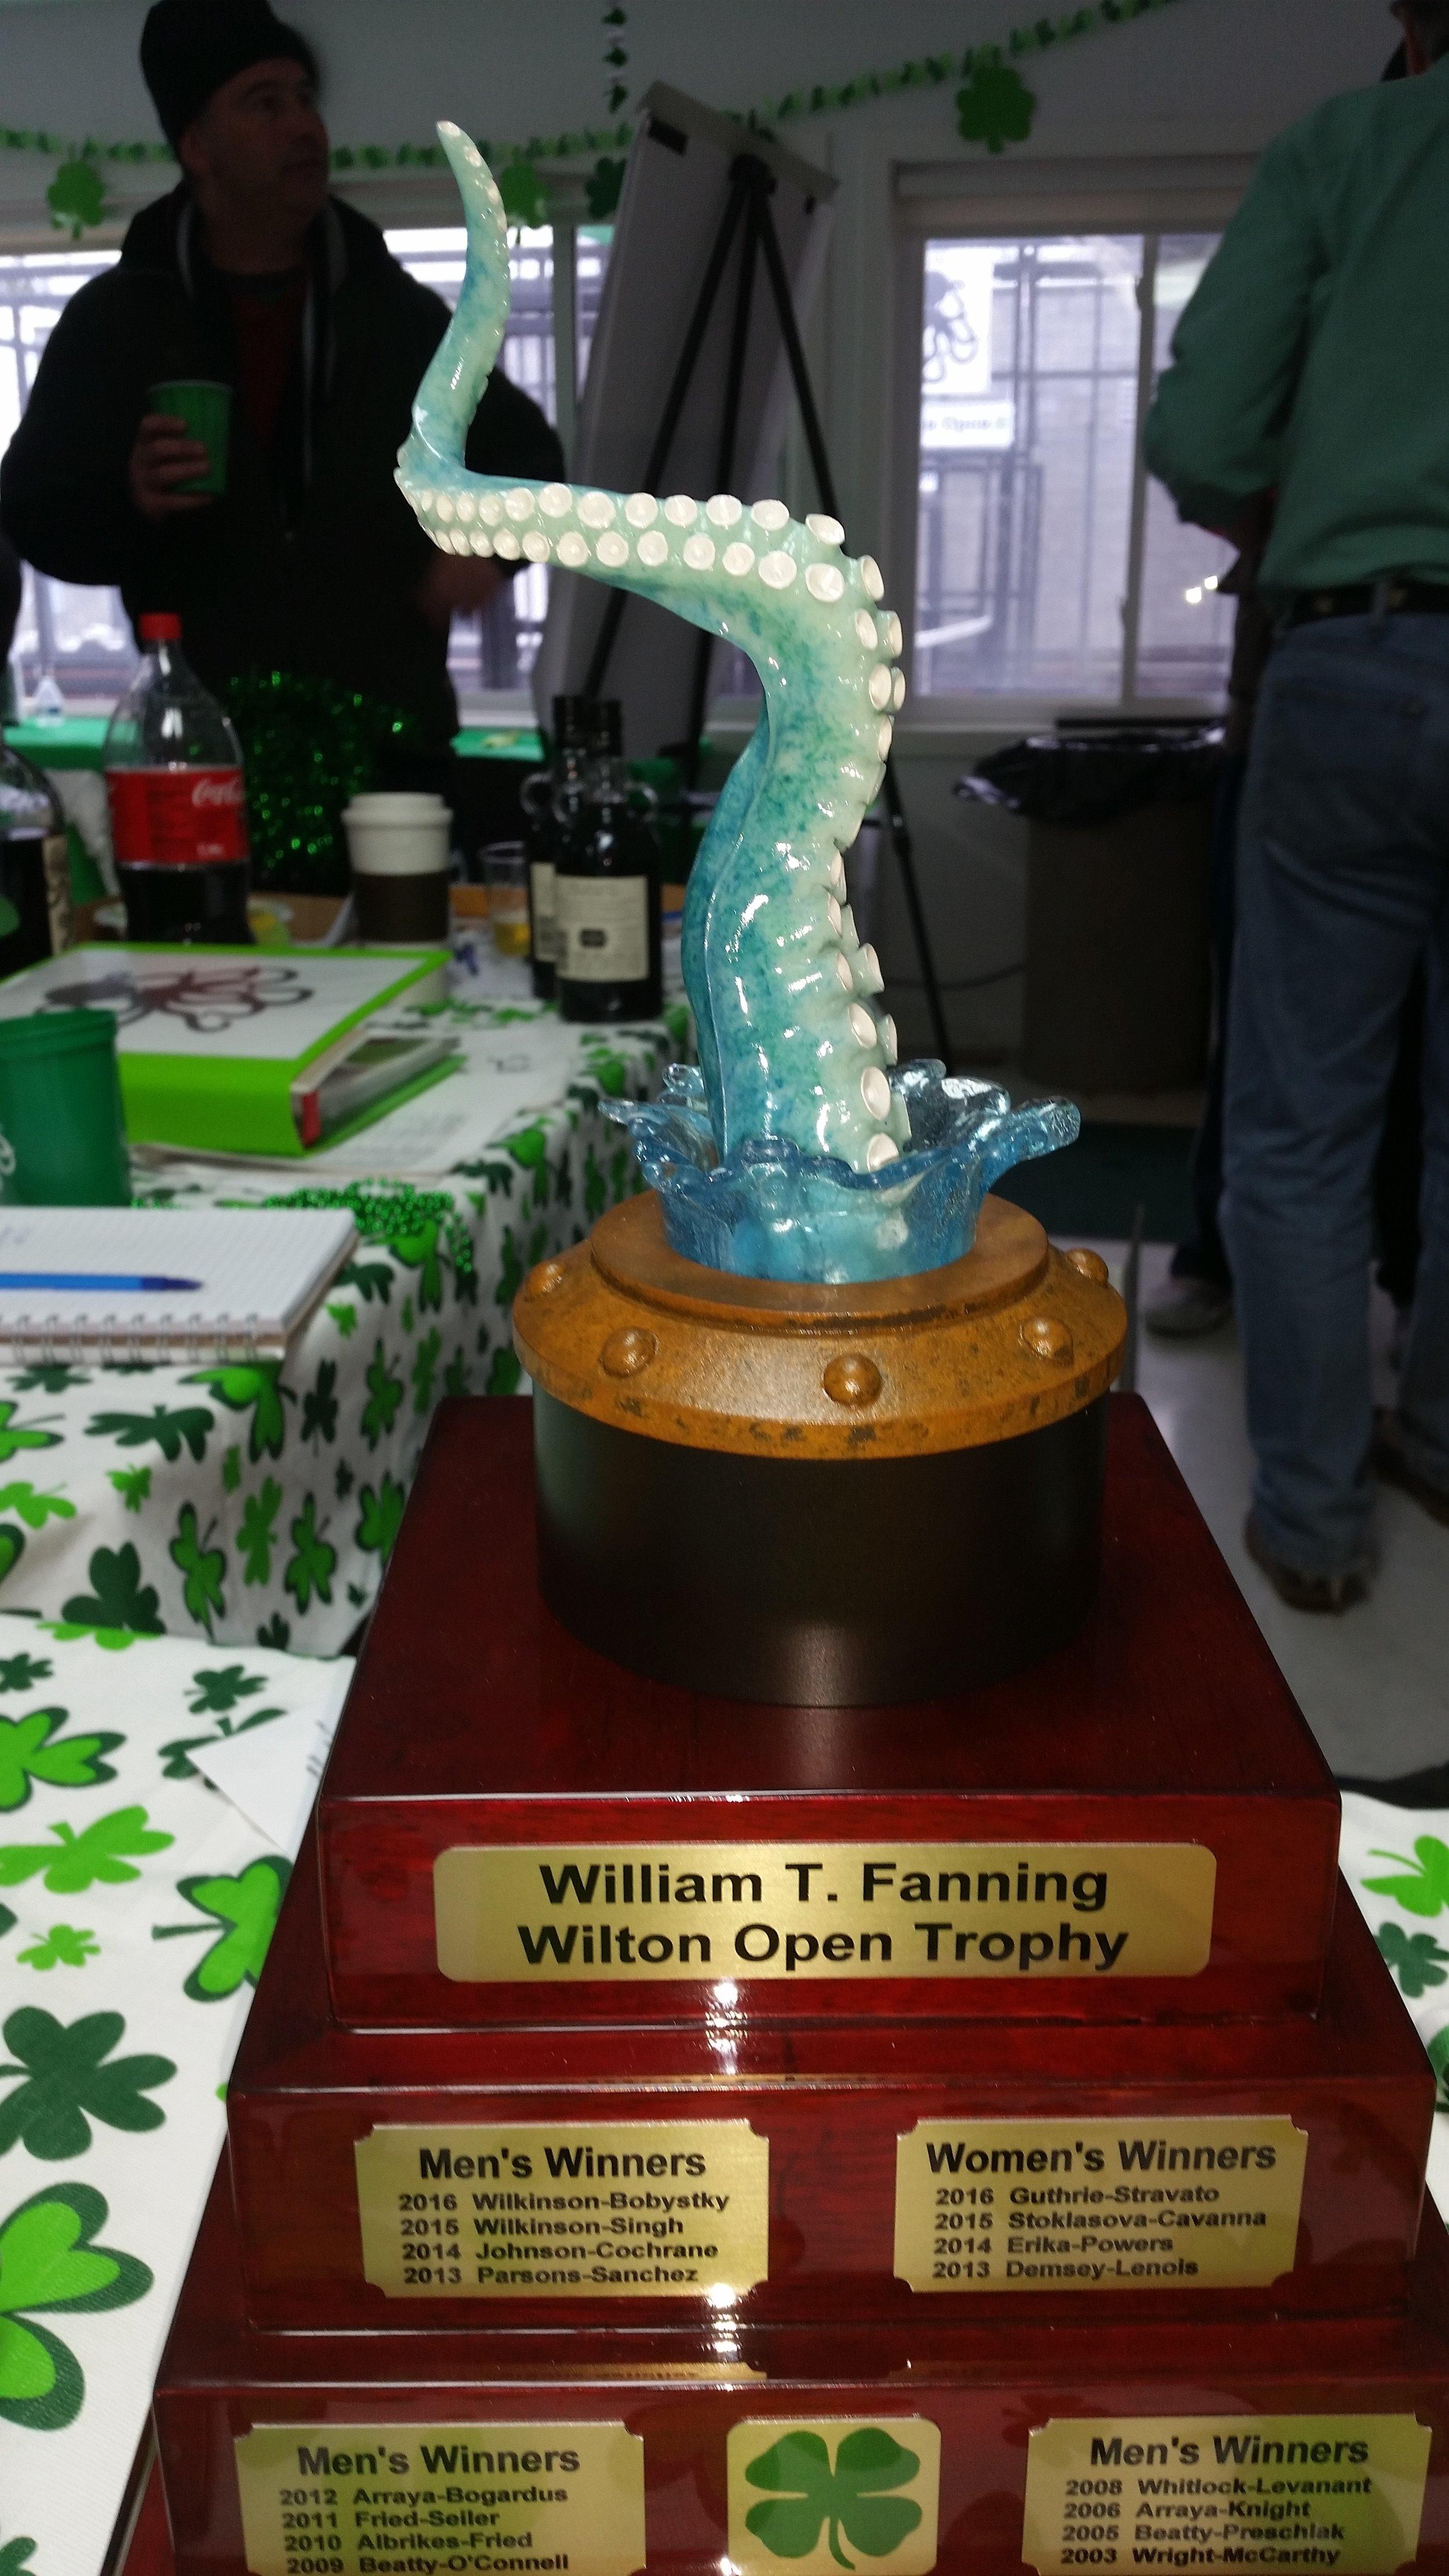 Wilton Open - Kraken Trophy a.jpg